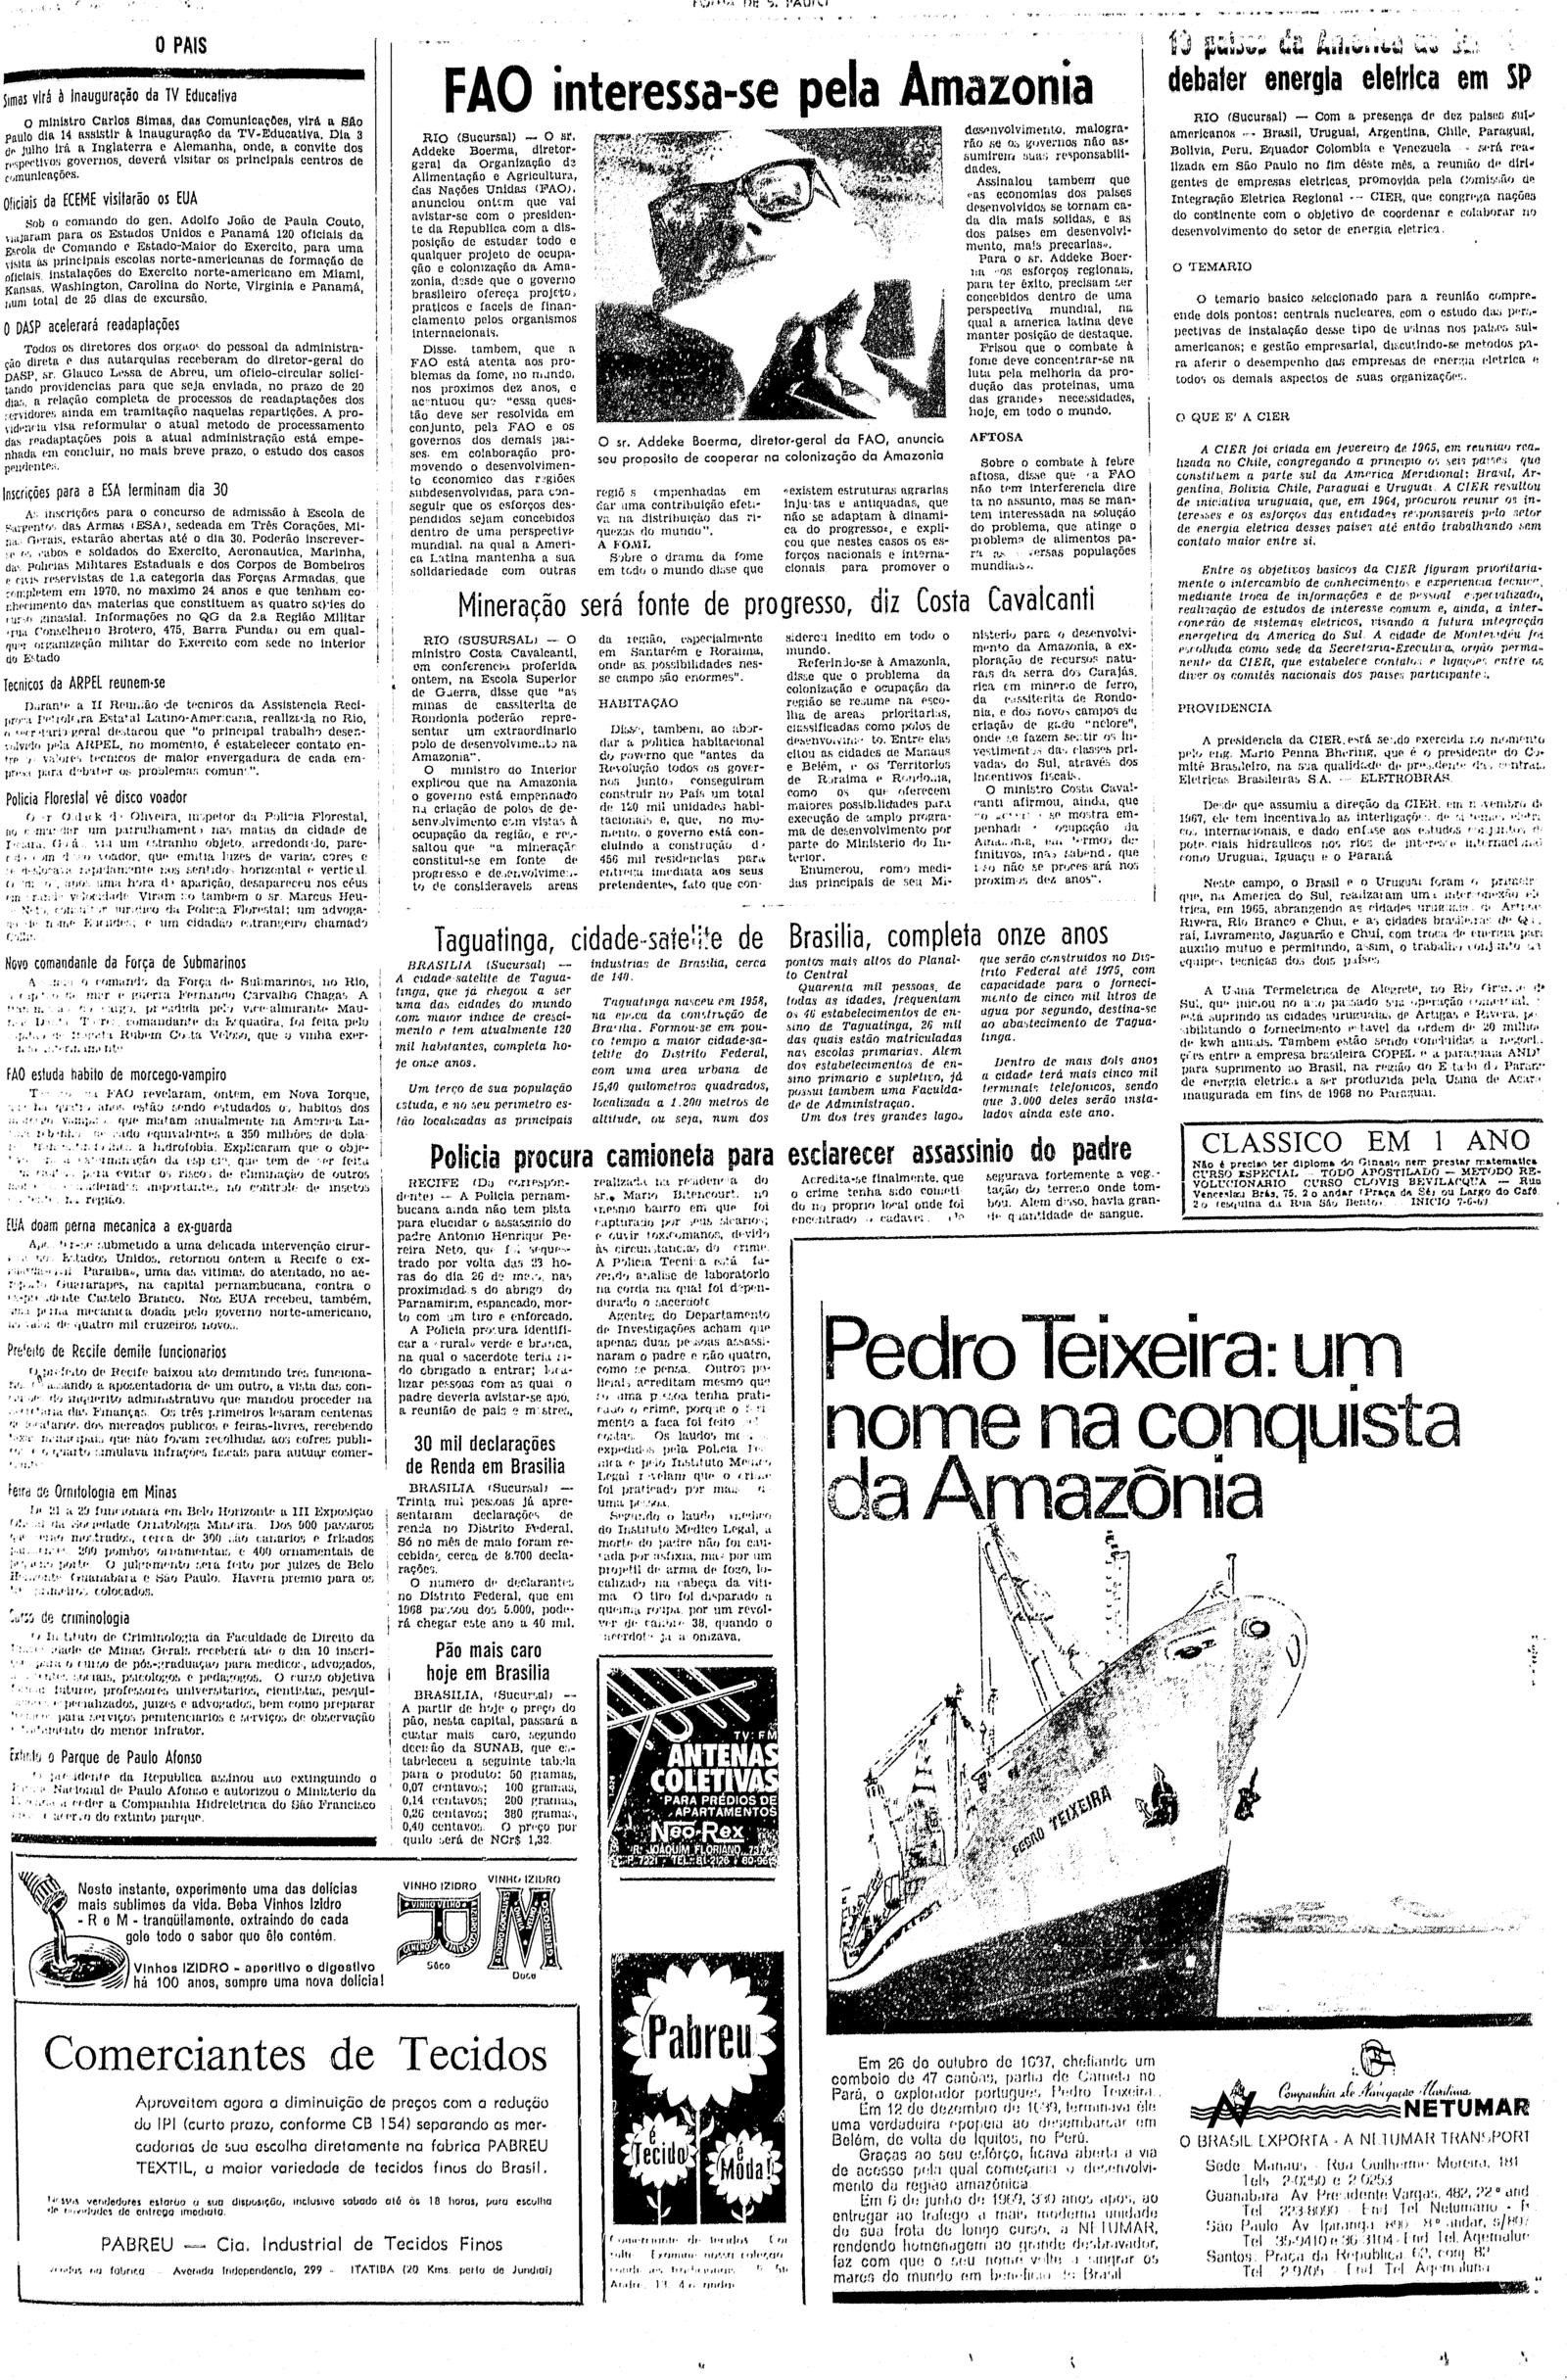 d0b0214e3 Edição Digital - Folha de S.Paulo - Pg 12